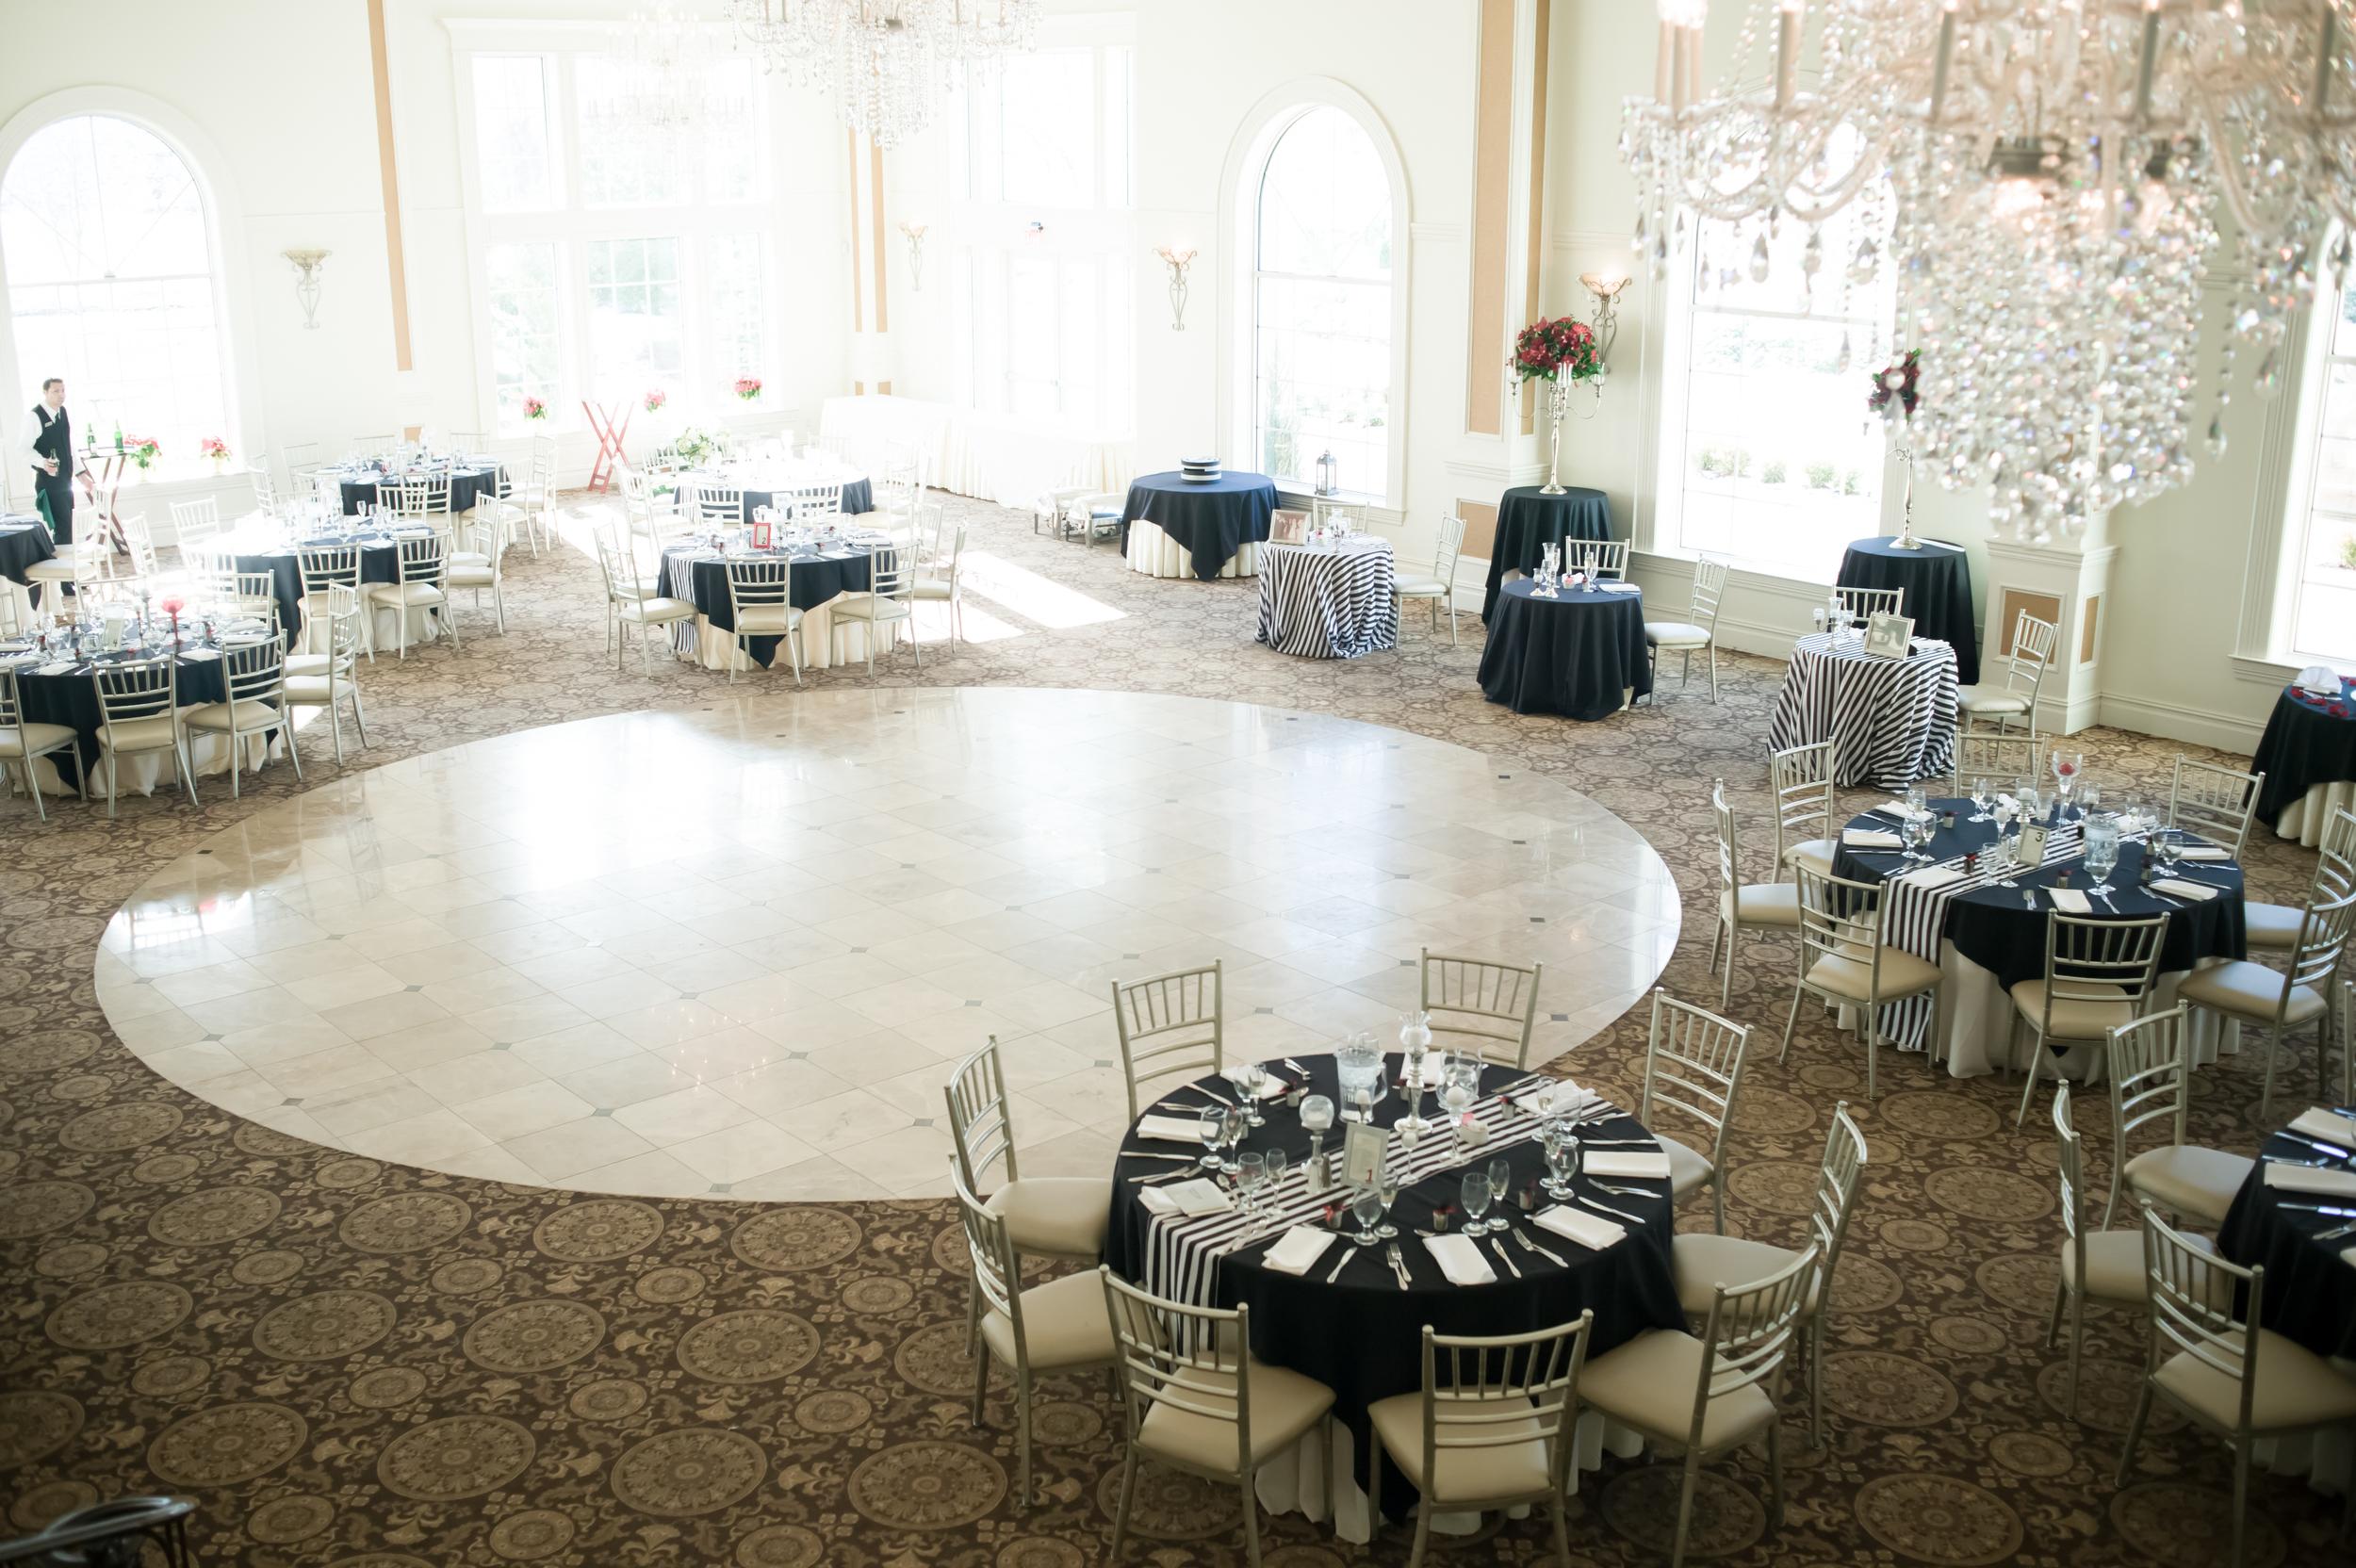 prospect, connecticut wedding venue